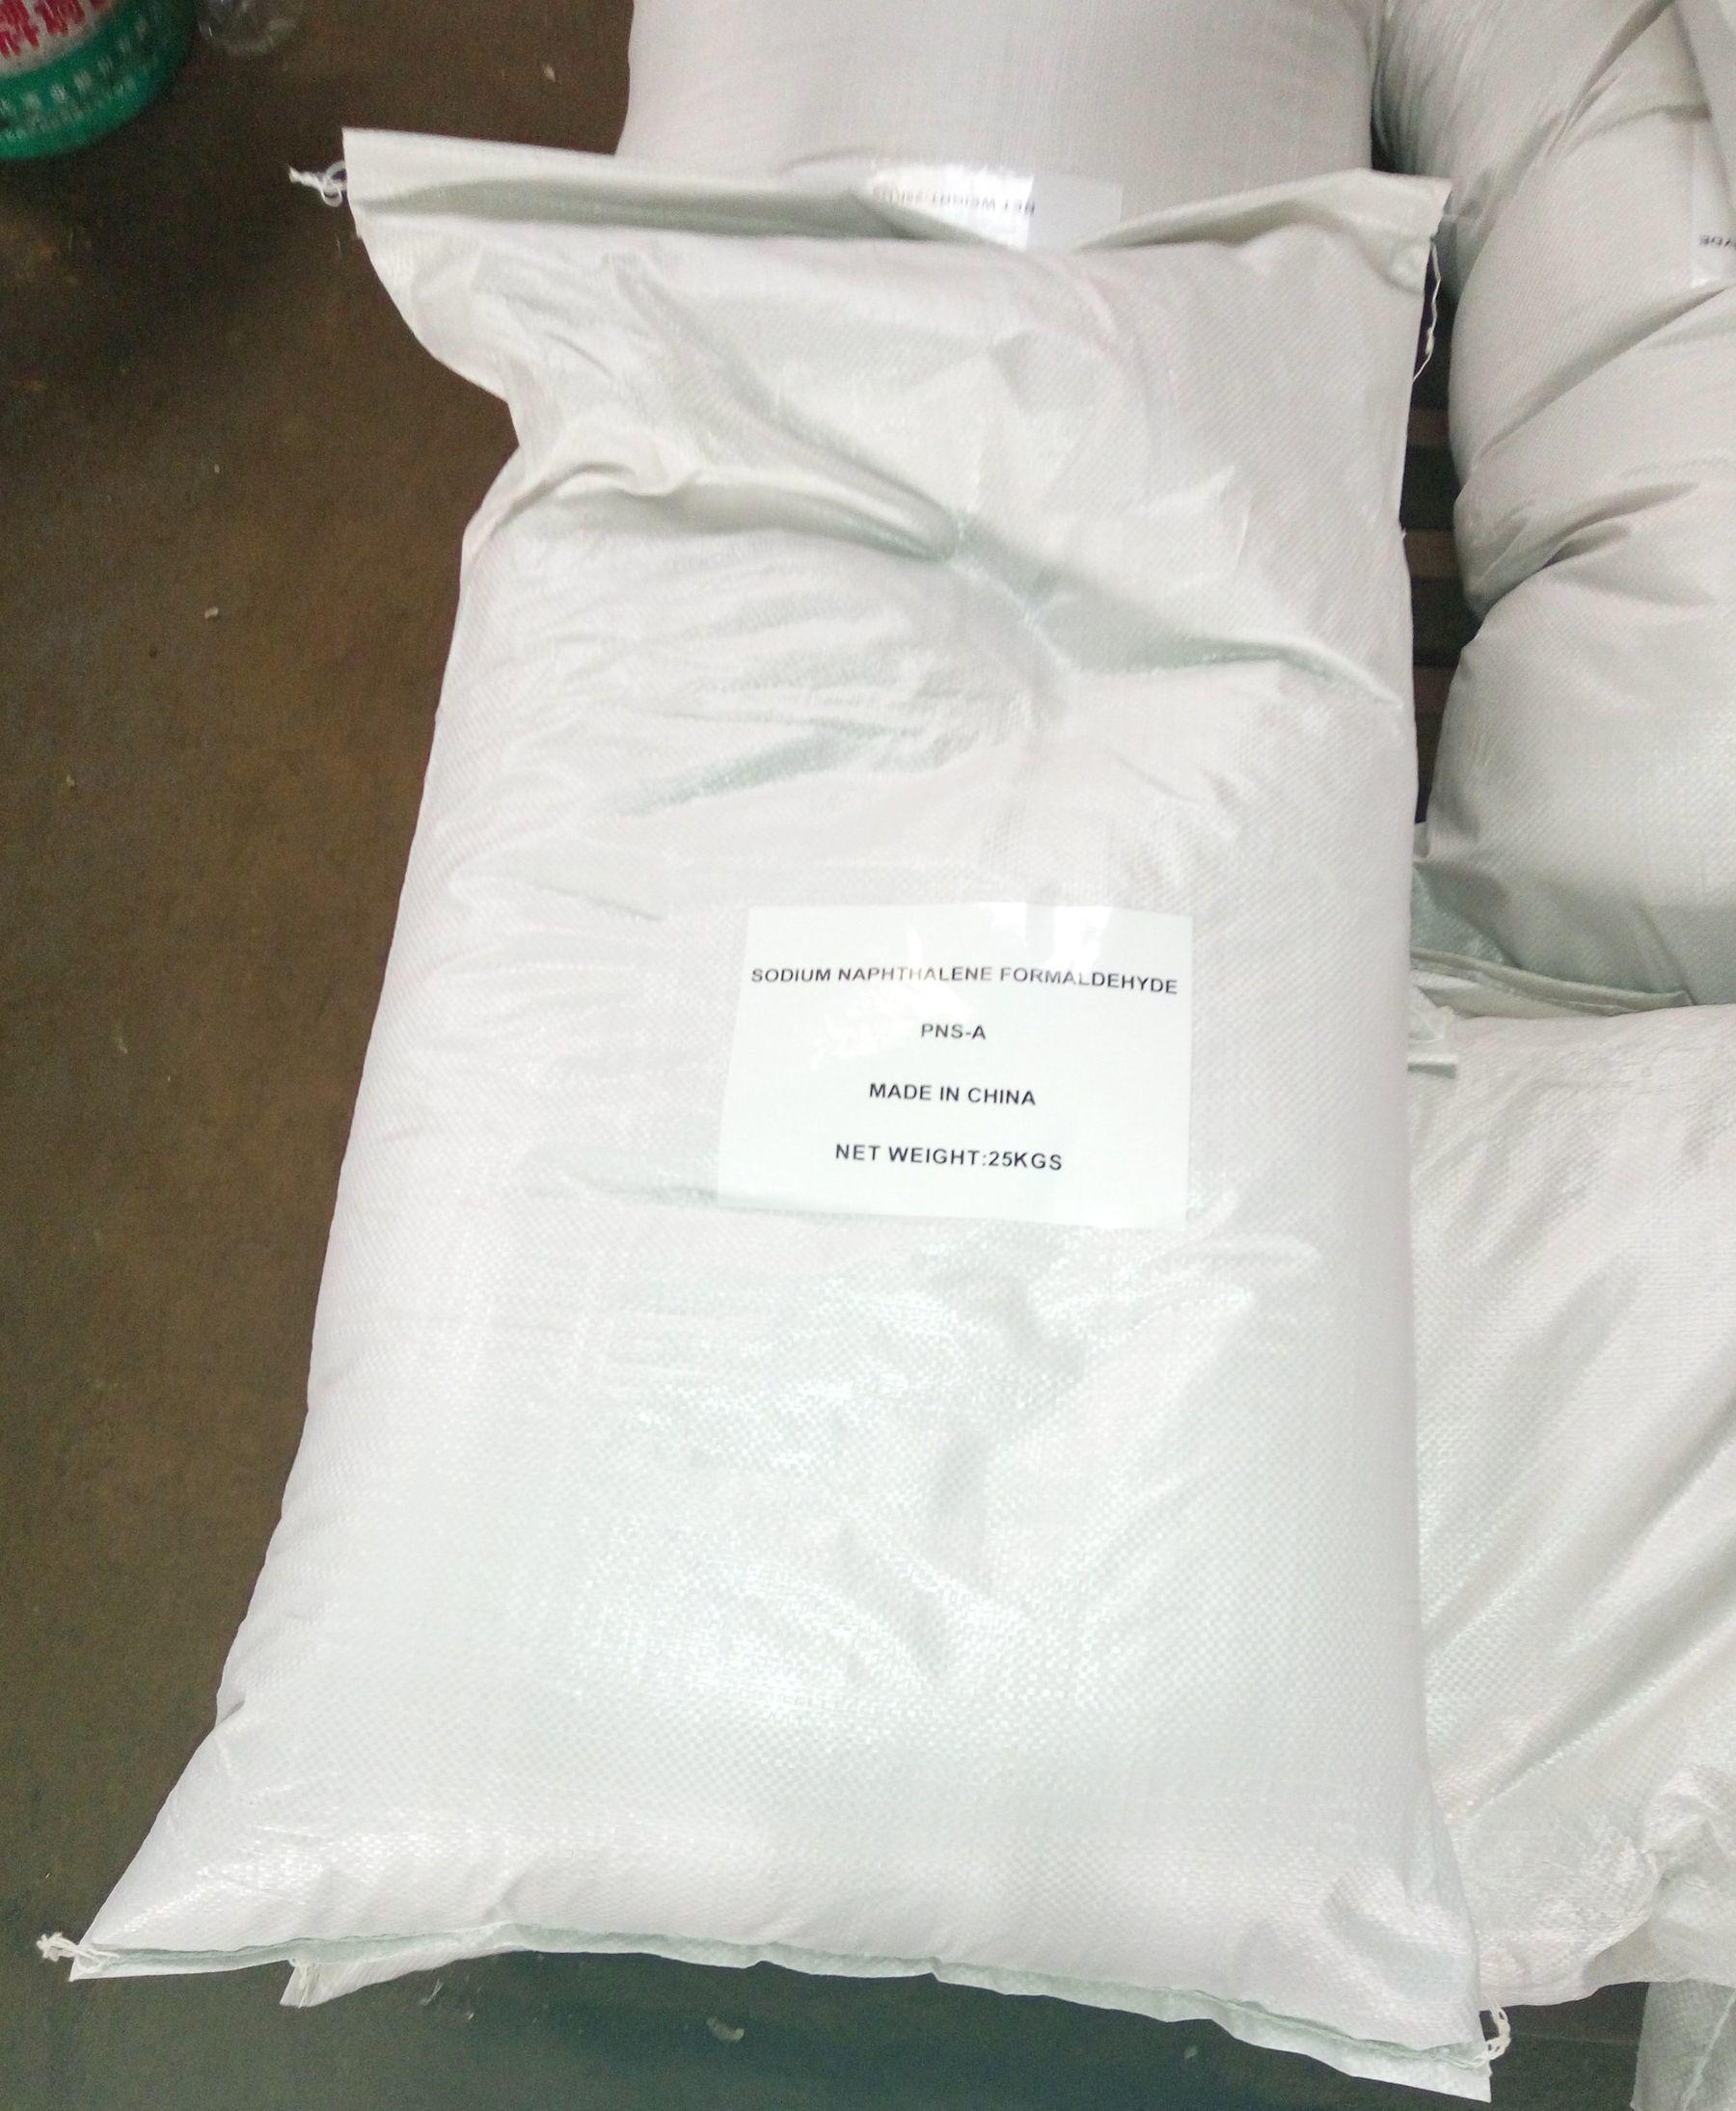 Sodium Naphthalene Sulphonate Formaldehyde